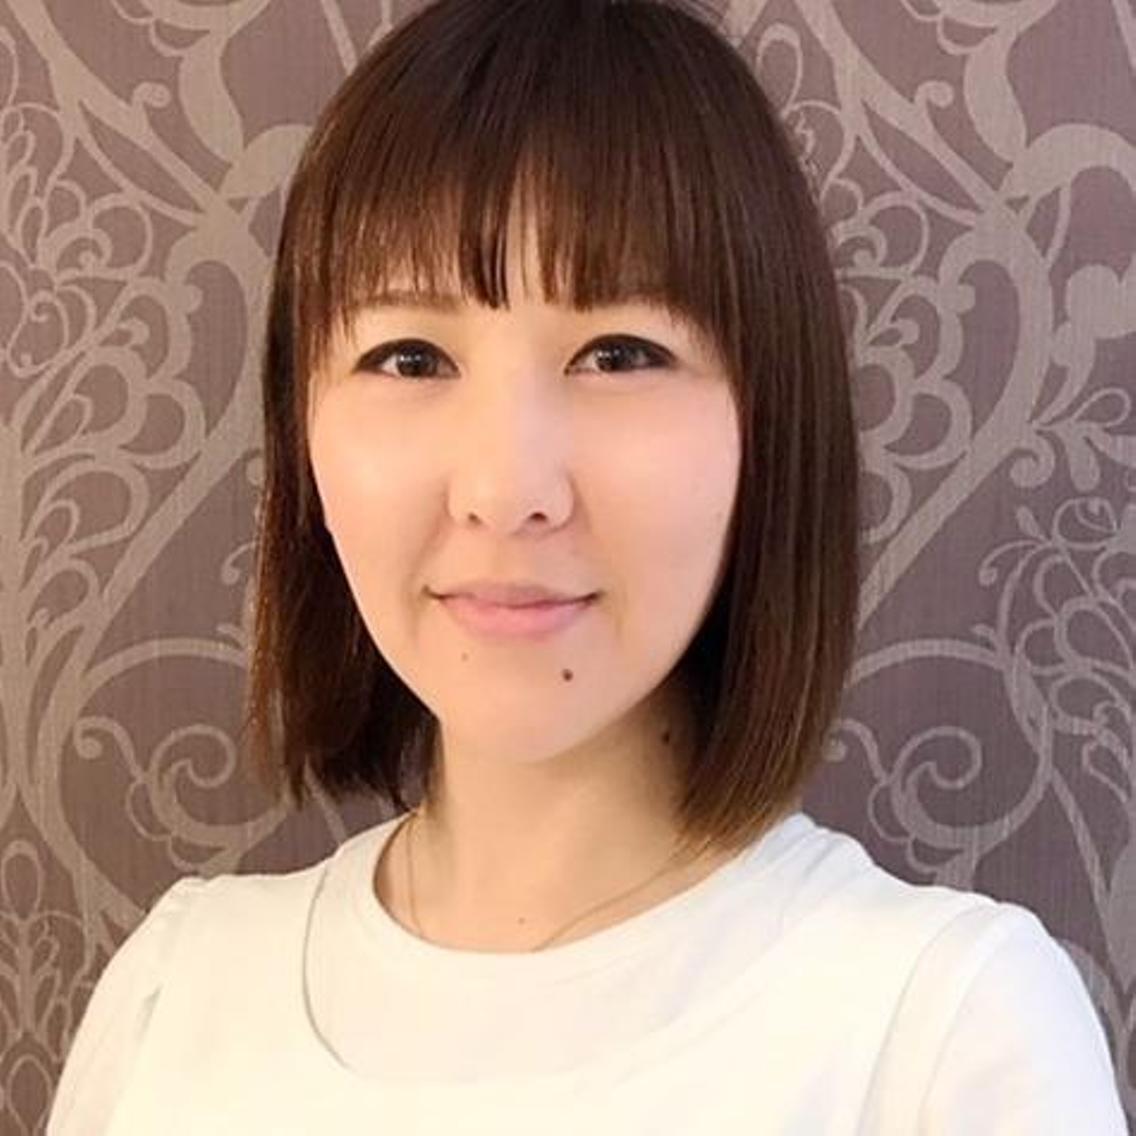 脱毛サロン Be Pure ~ビーピュア~6条店所属・青木 麻衣子の掲載